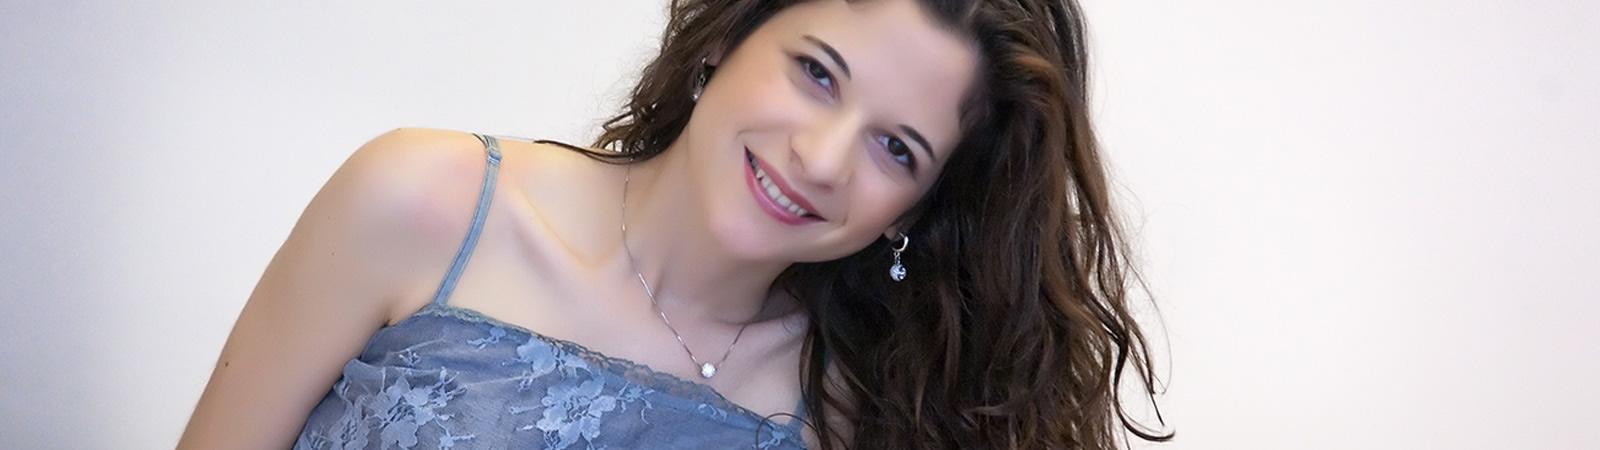 Irene Veneziano